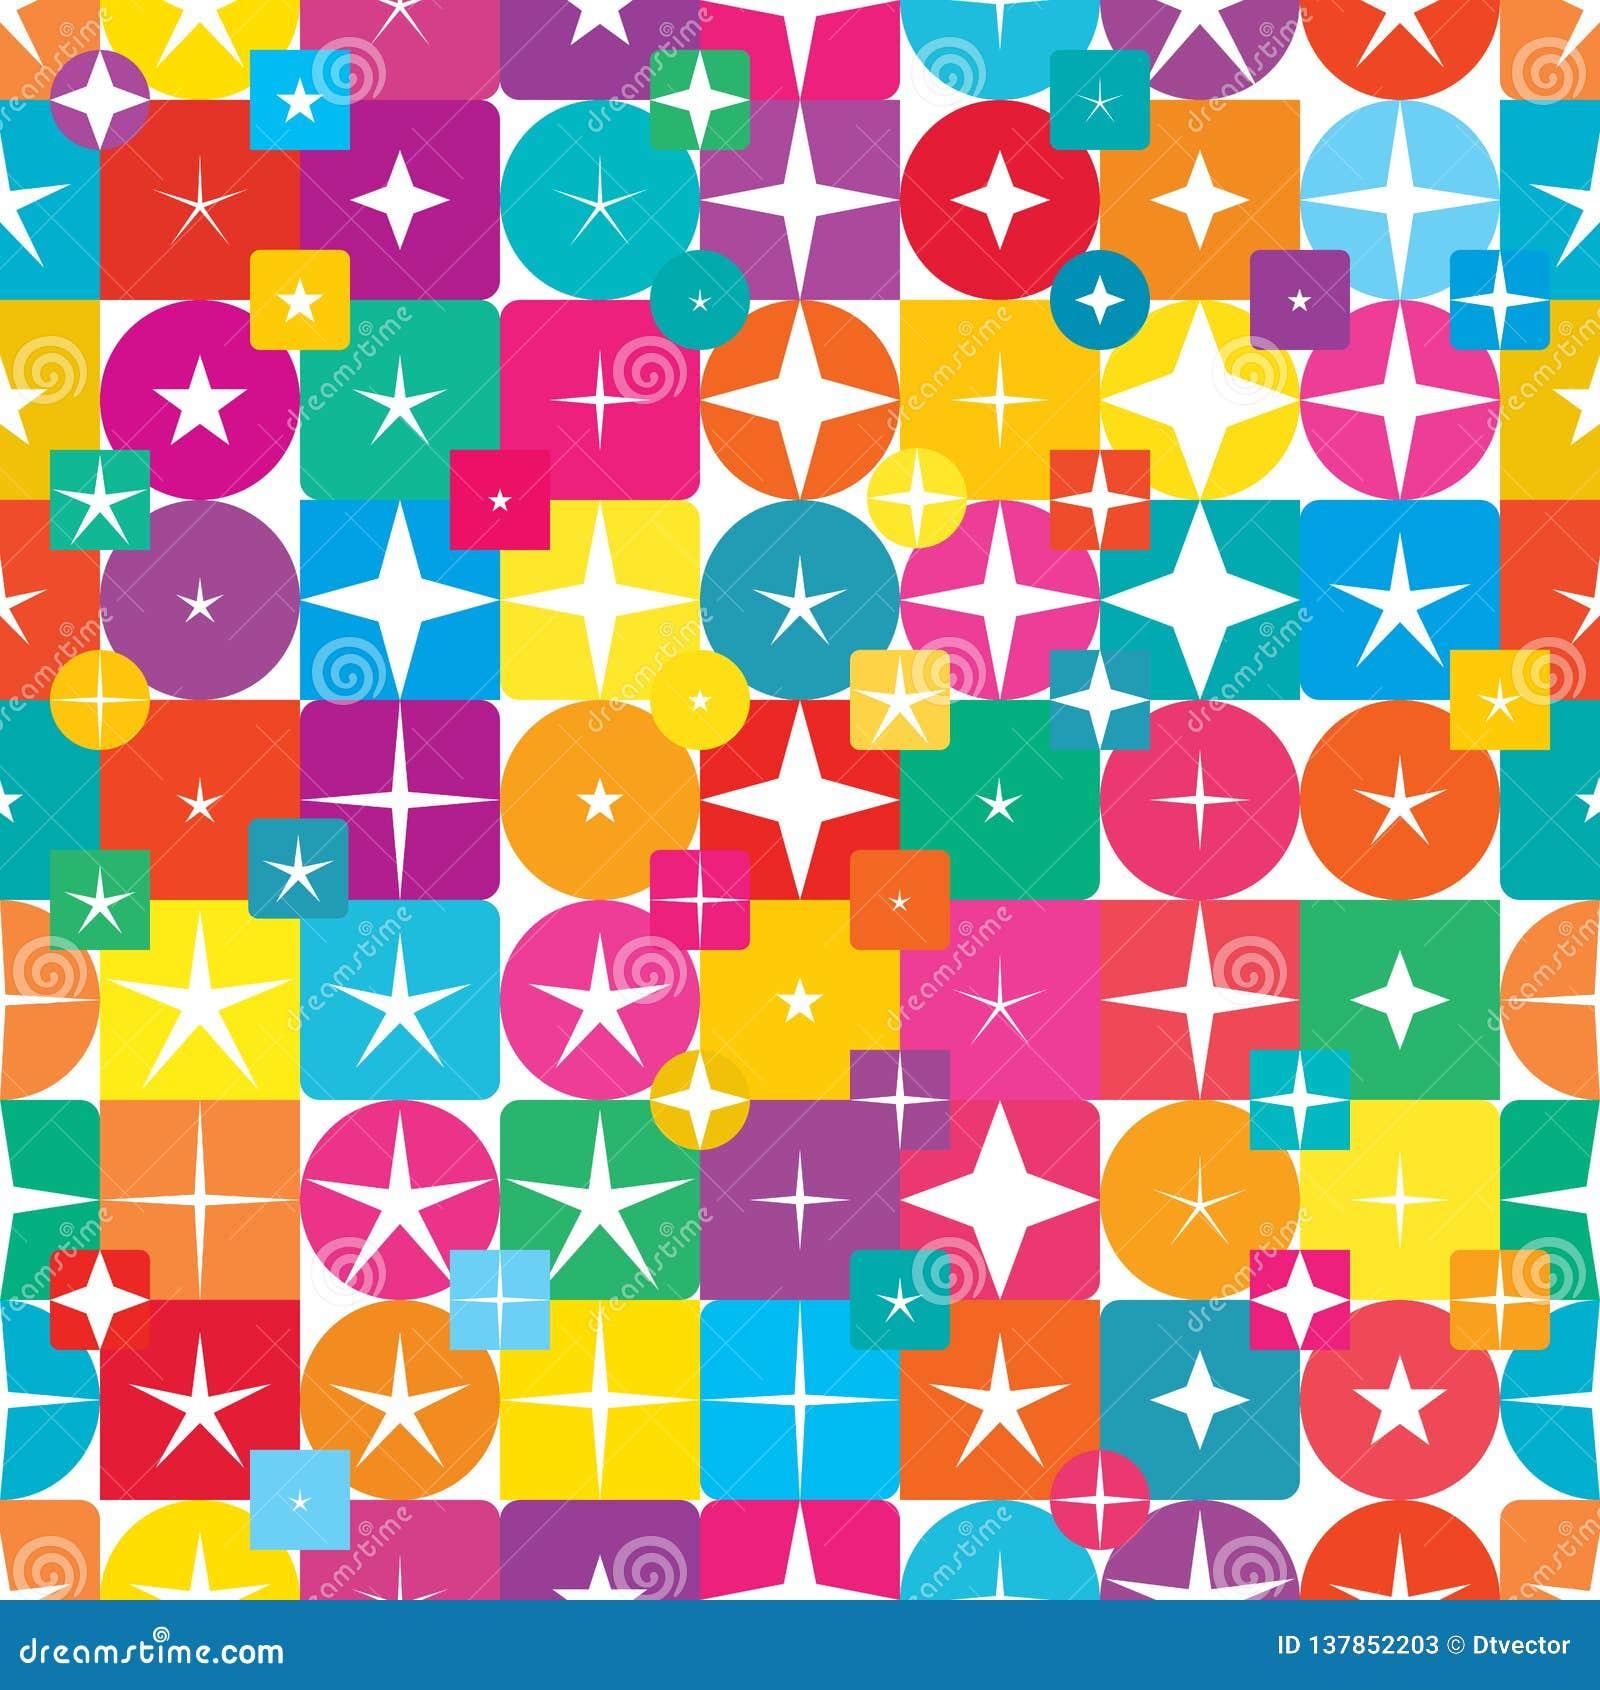 Van de de diamantvorm van de stercirkel vierkant kleurrijk de symmetrie naadloos patroon